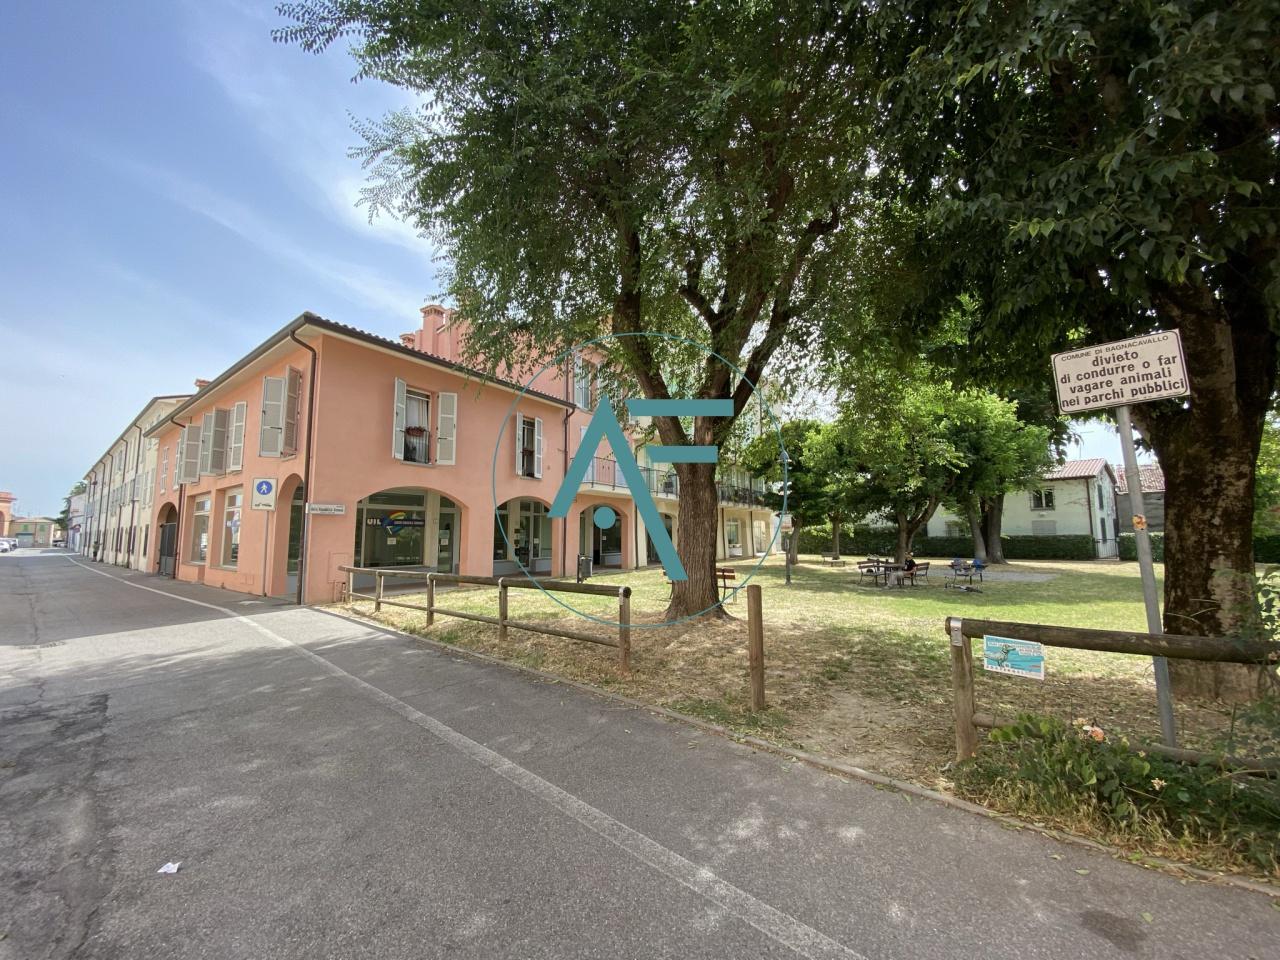 Appartamento in vendita a Bagnacavallo, 3 locali, prezzo € 148.000 | PortaleAgenzieImmobiliari.it